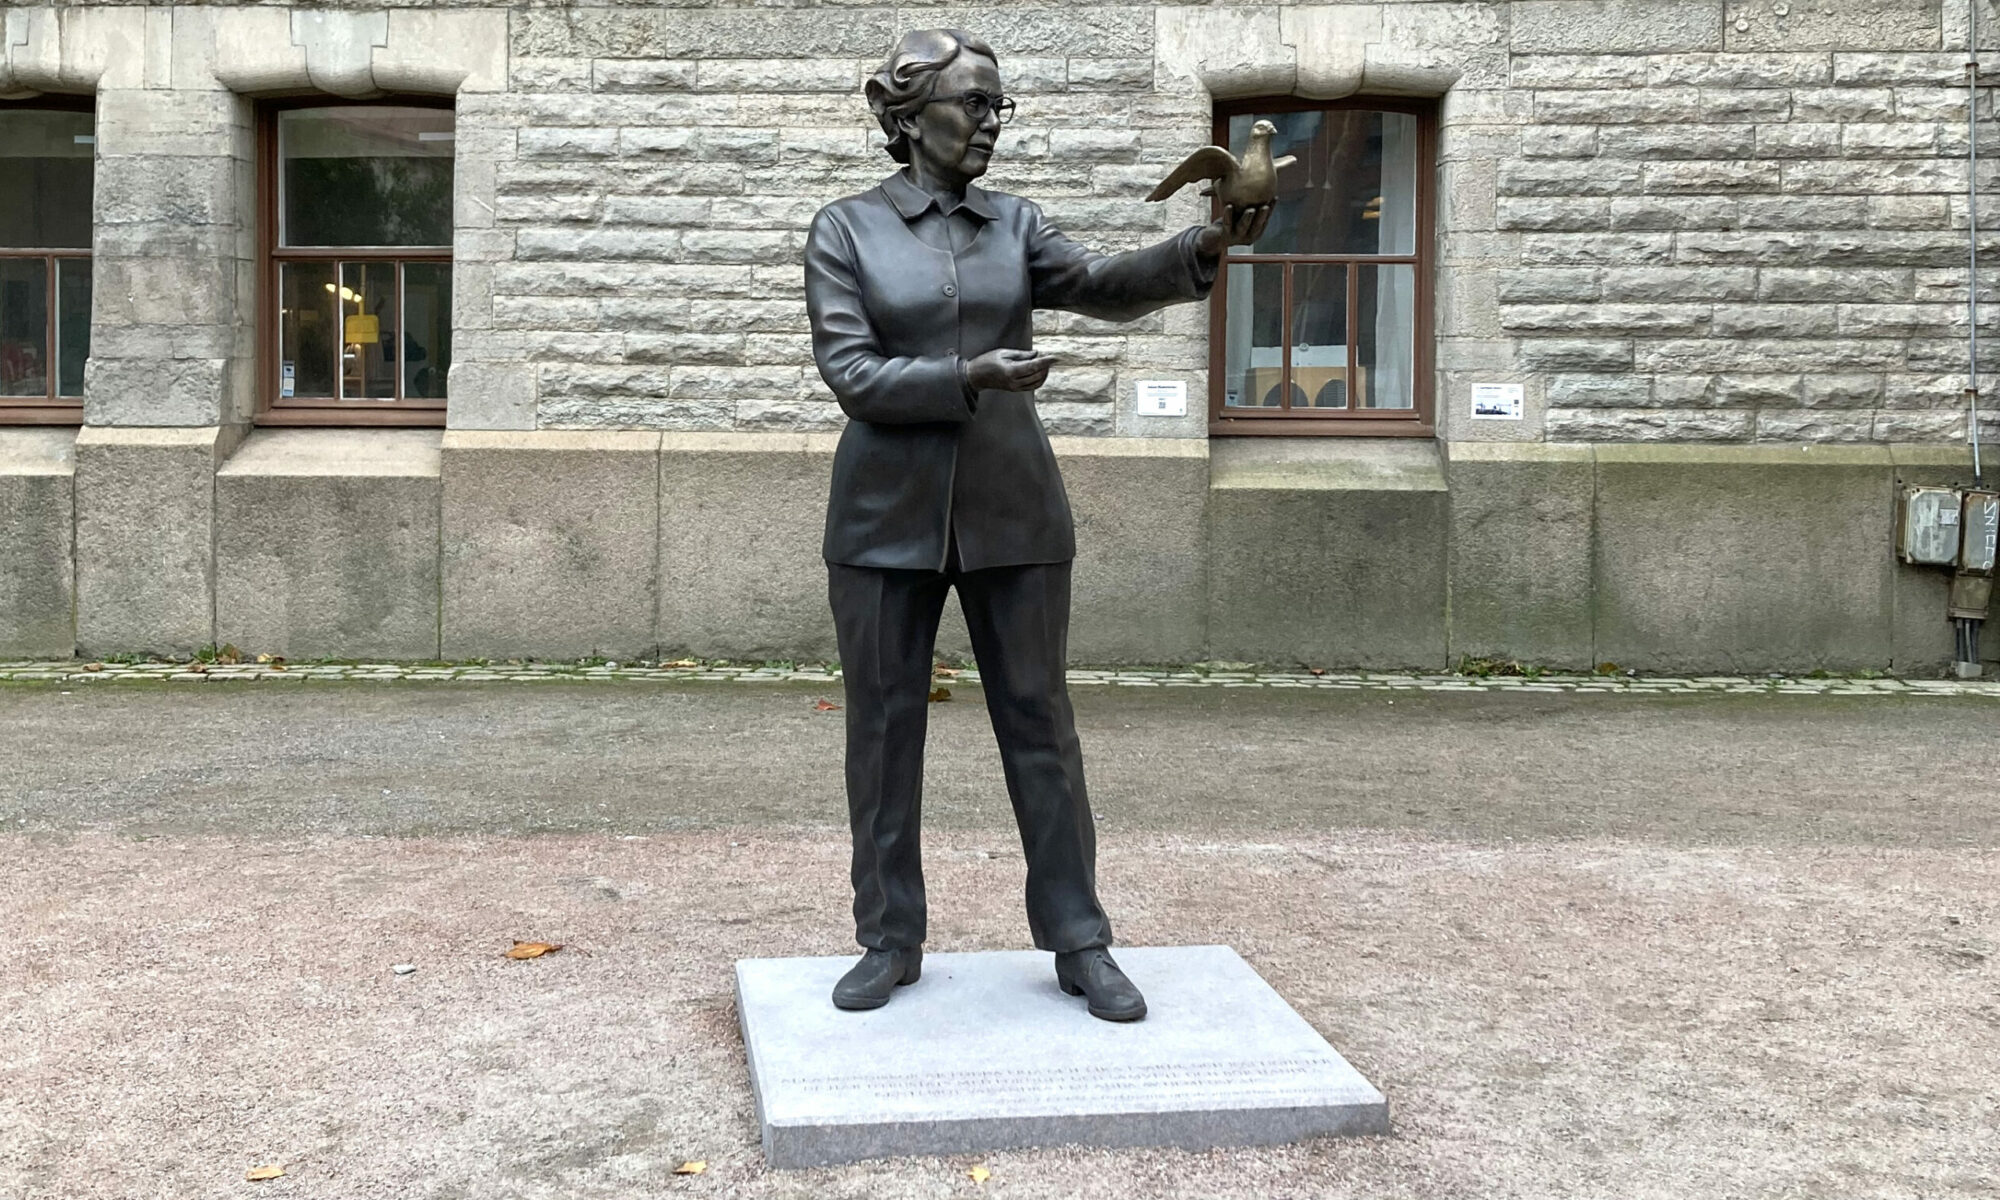 Skulptur av Ingrid Segerstedt Wiberg. Ena armen är utsträckt, och på den sitter en fredsduva som ser ut att vara redo att flyga iväg.